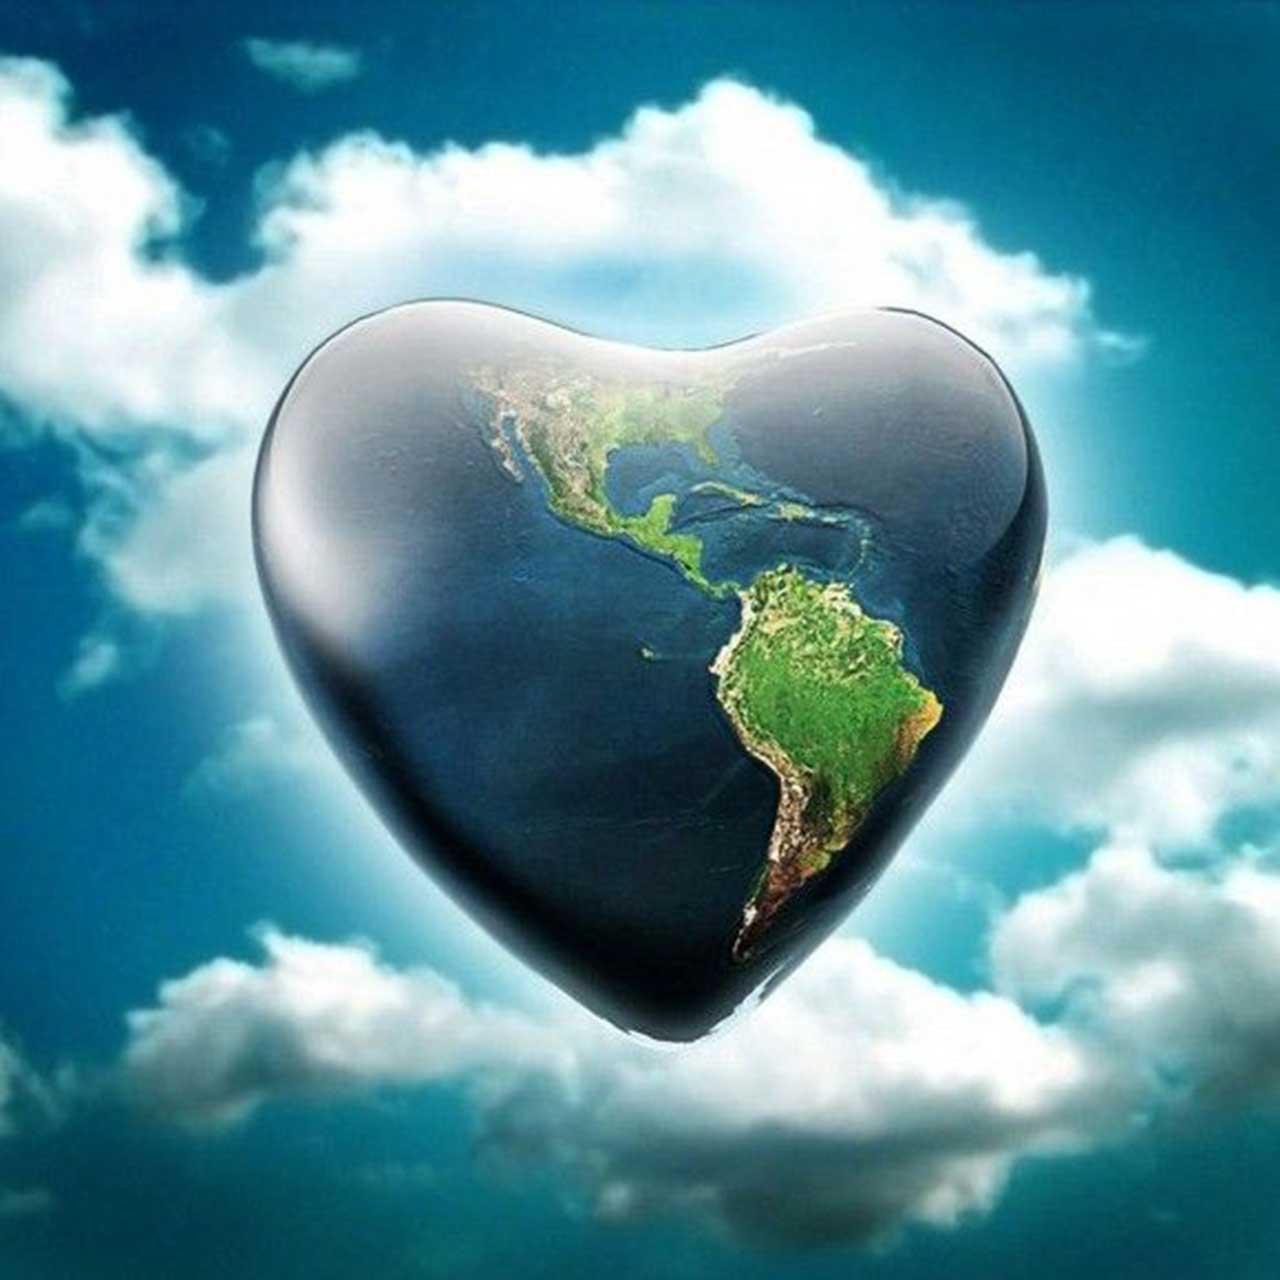 earth Love heart wallpaper